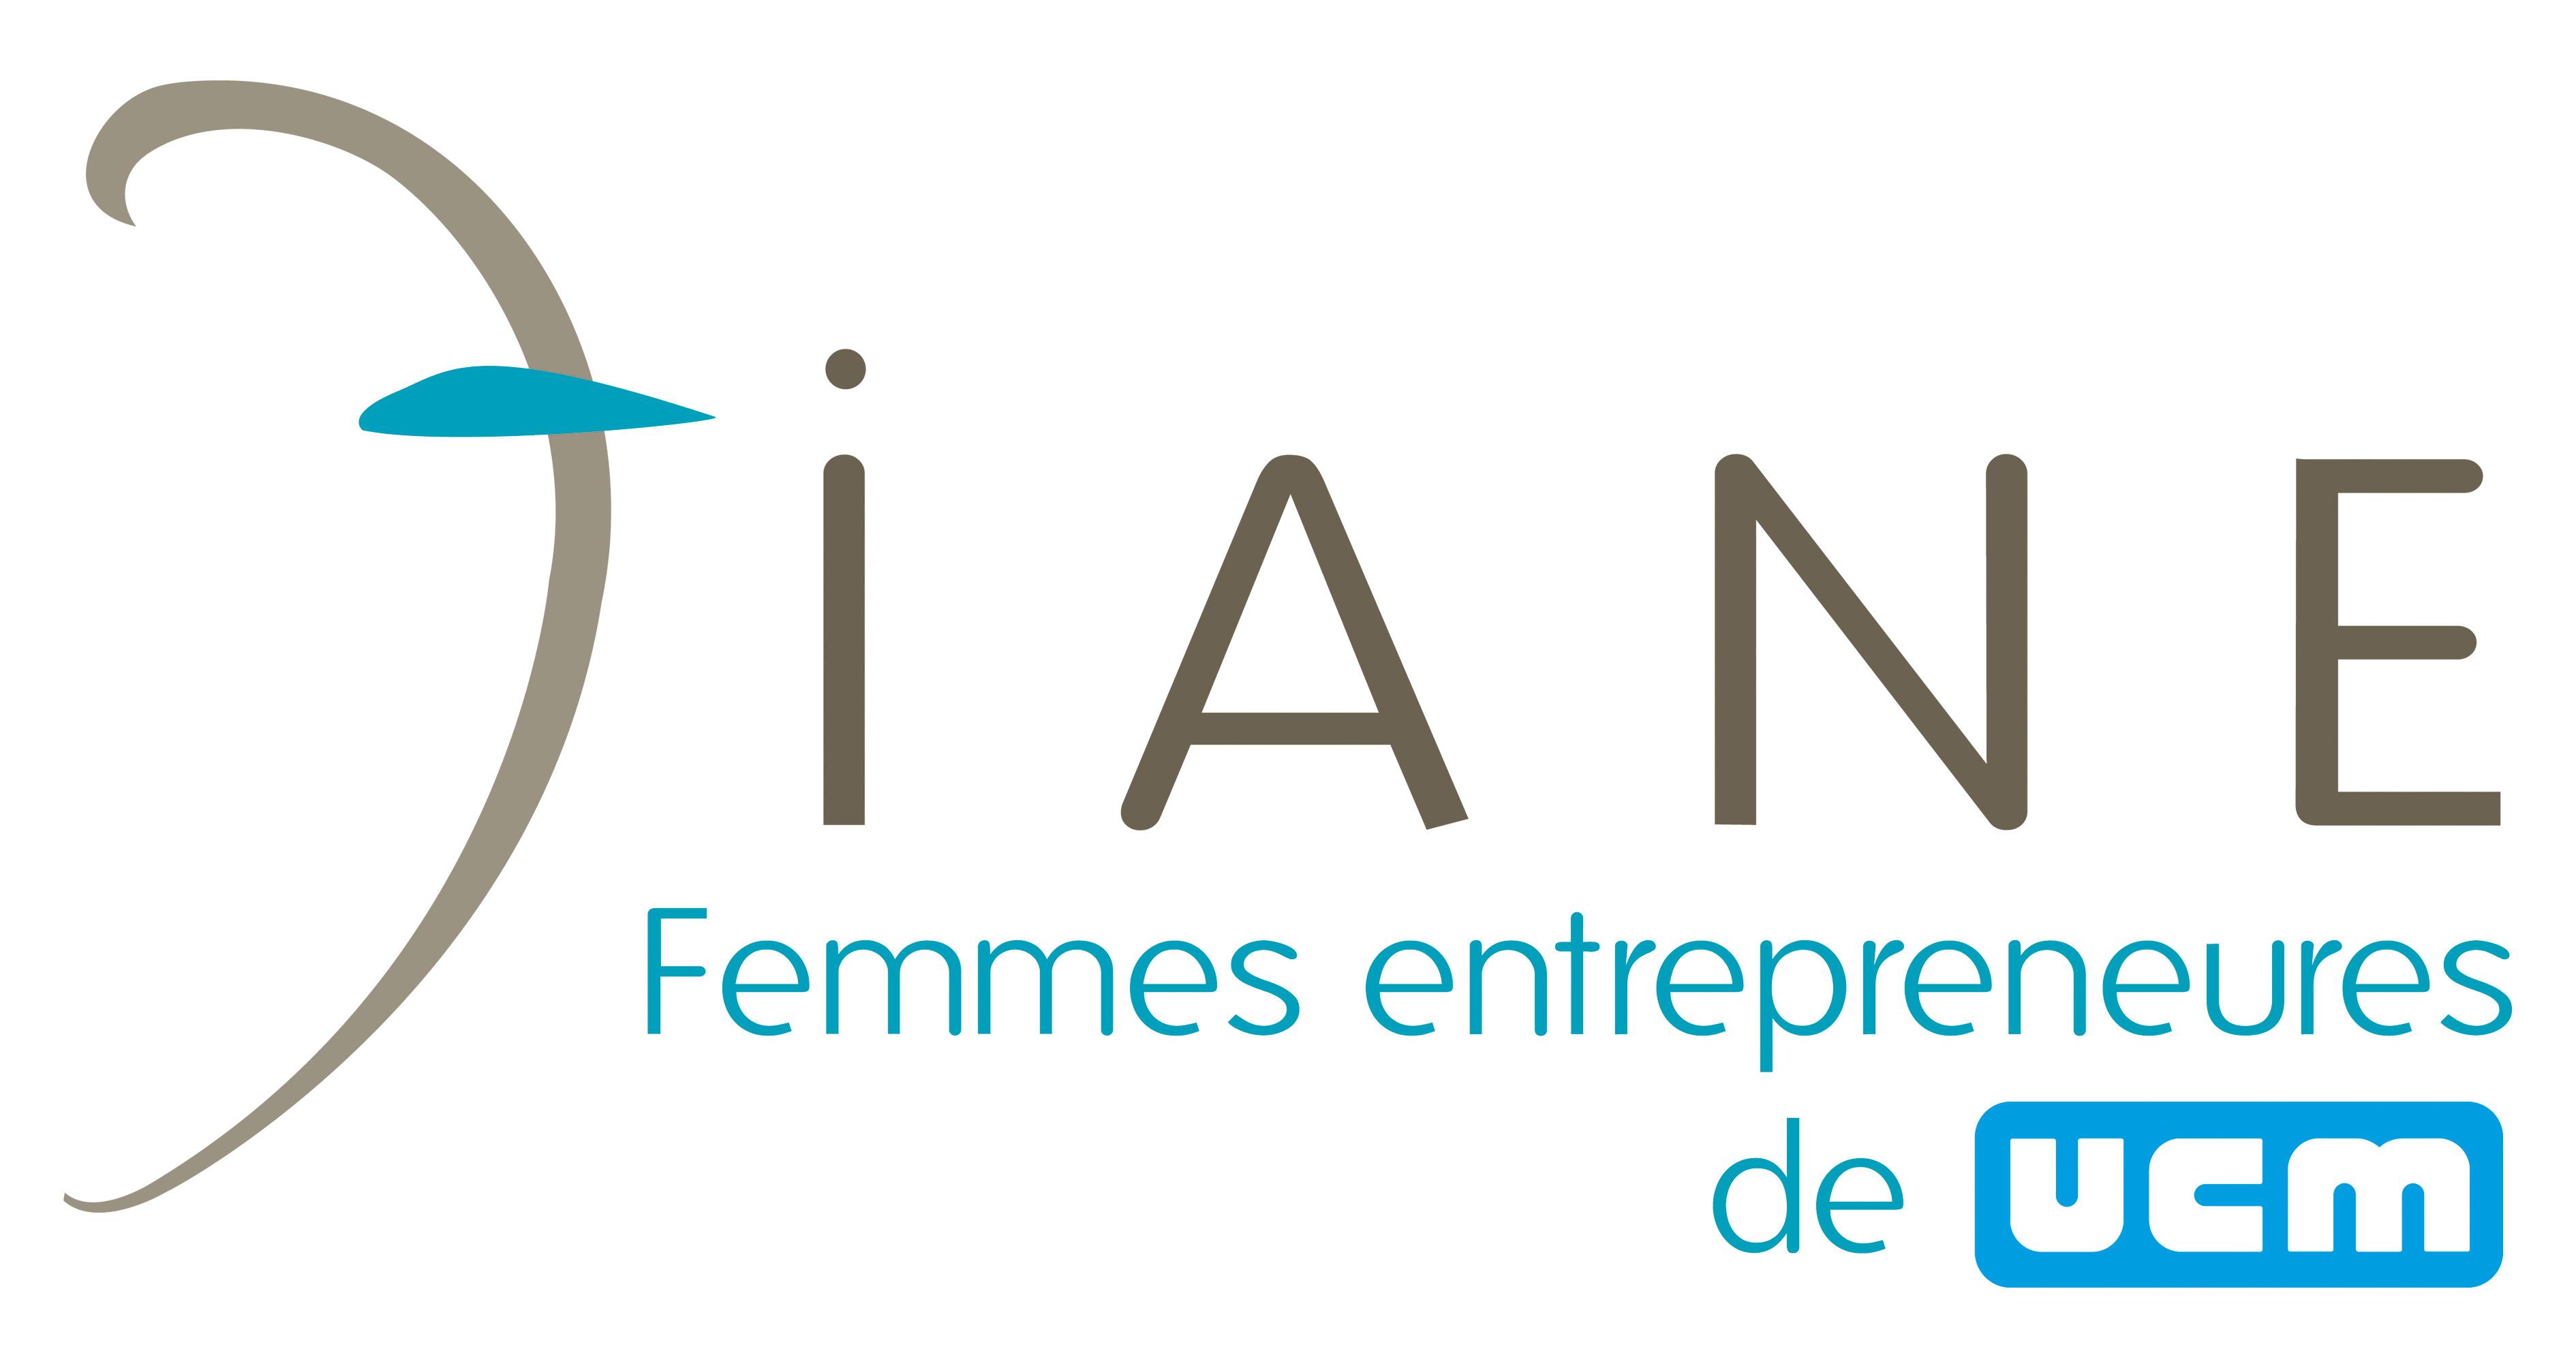 Diane-UCM-logo